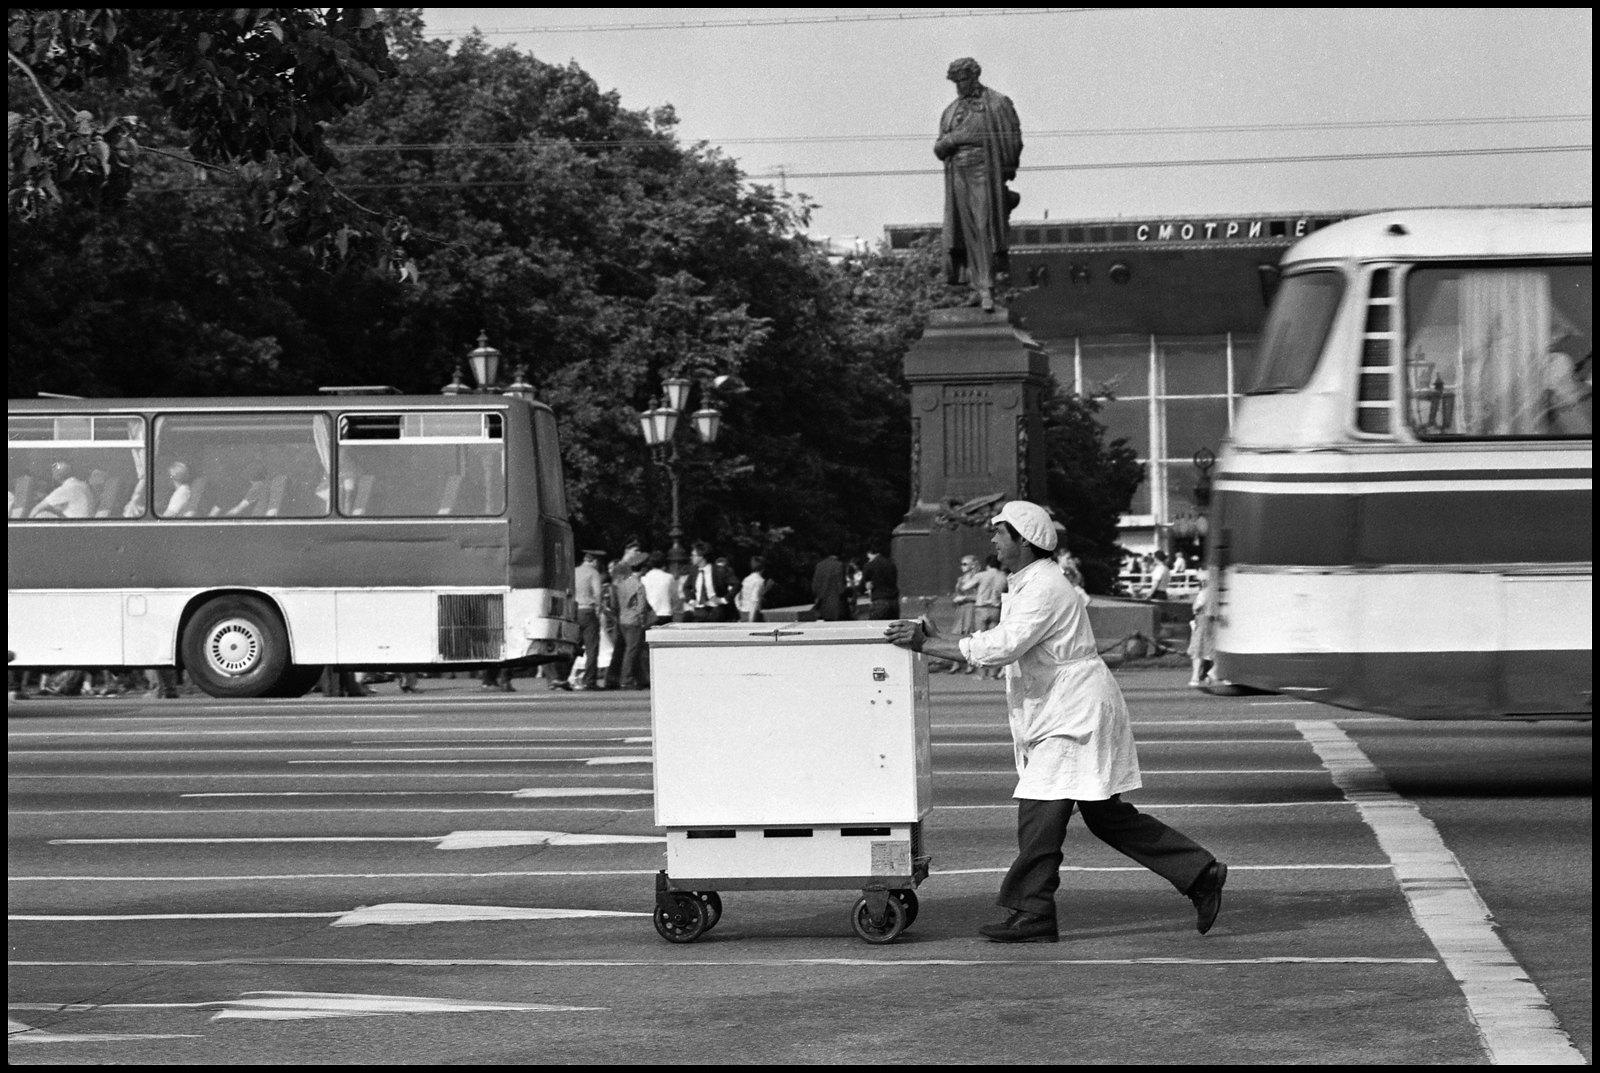 1980-е. На маршруте по главной с мороженым